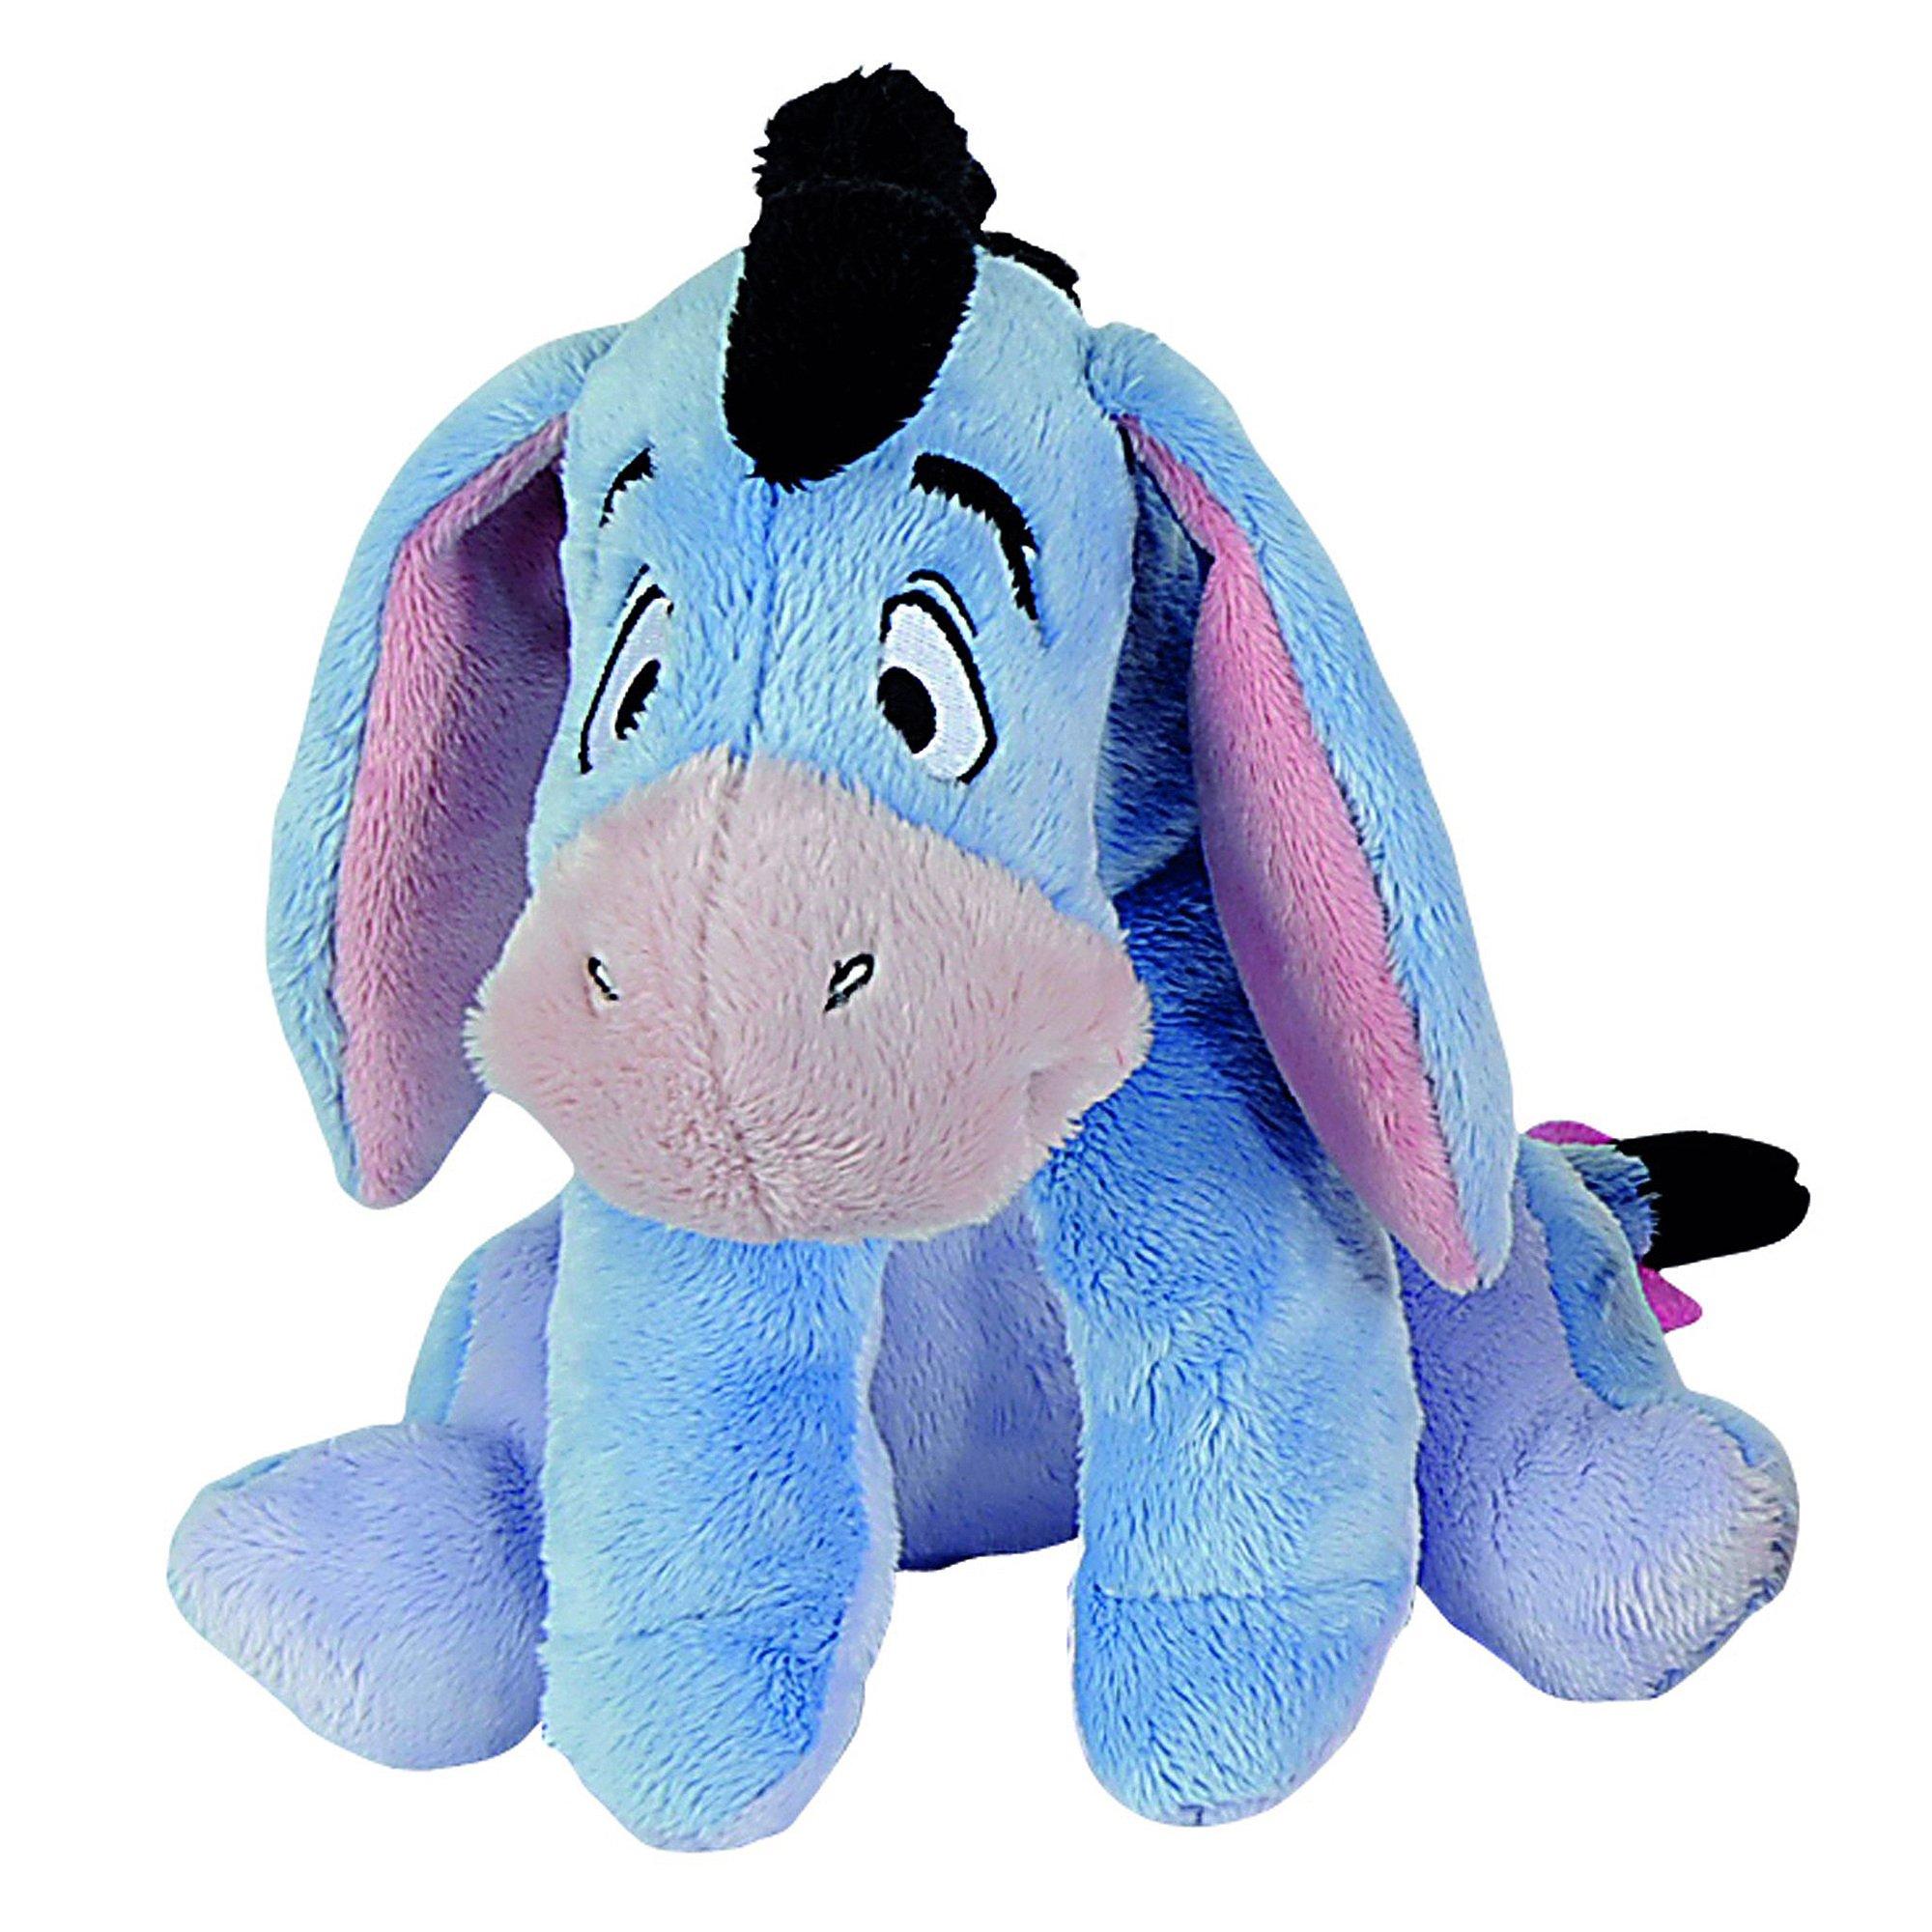 Мягкая игрушка - Ушастик, 25 см.Мягкие игрушки Disney<br>Мягкая игрушка - Ушастик, 25 см.<br>